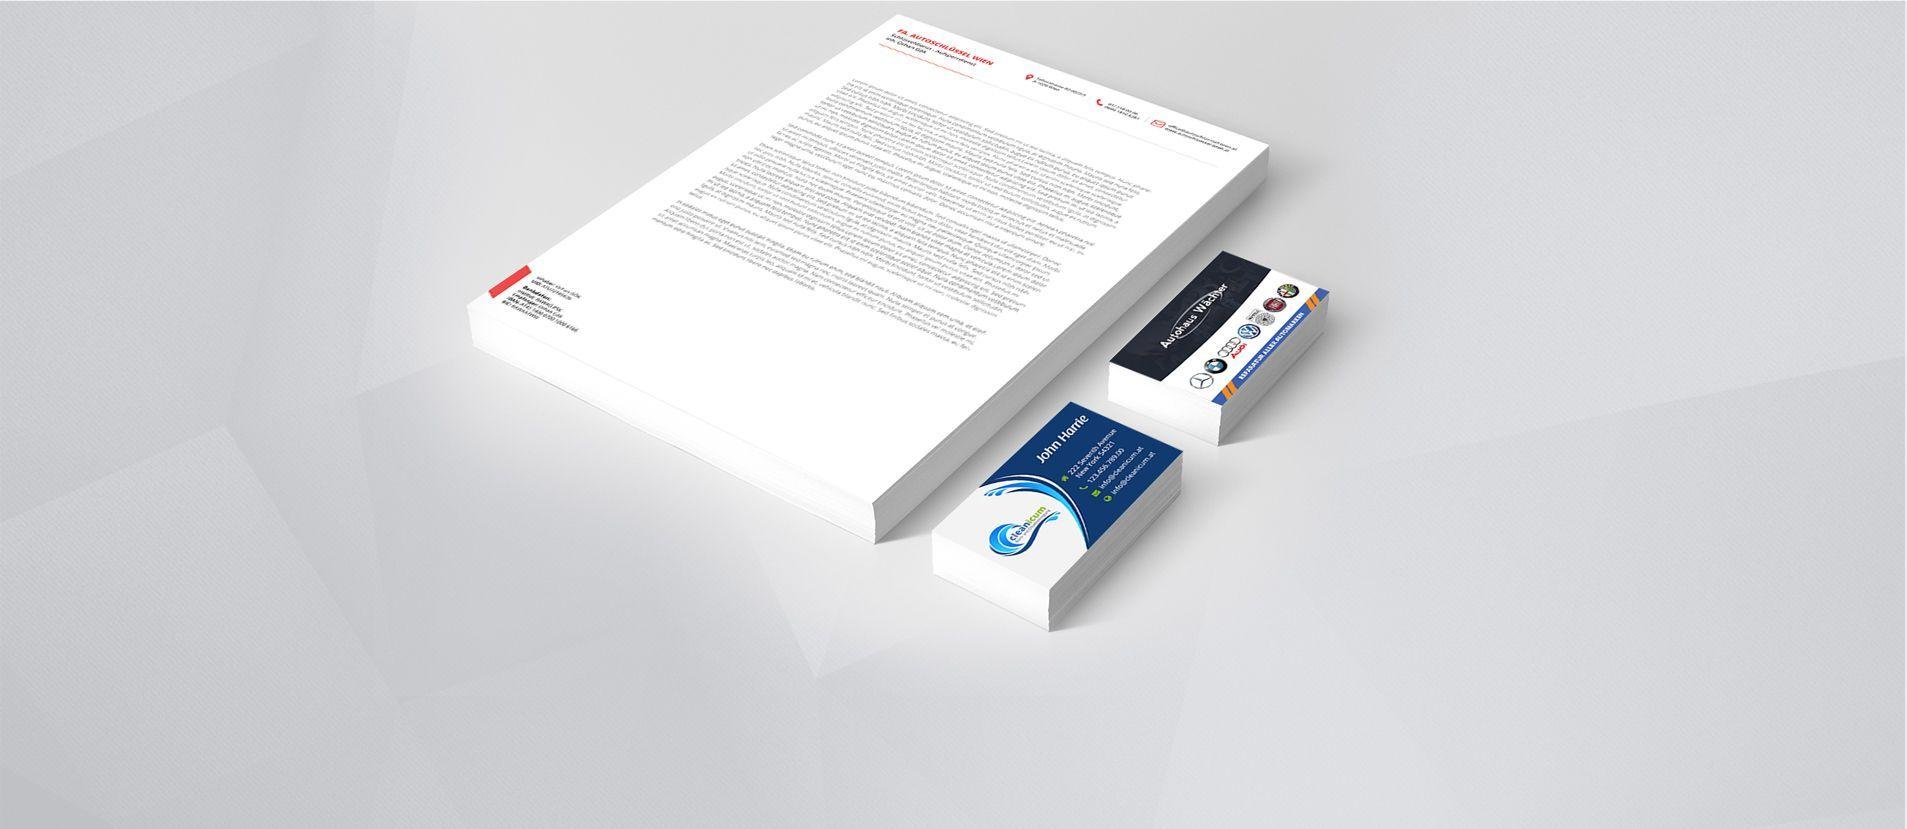 Printdesign - Design und Druck für Ihre Firmendrucksorten